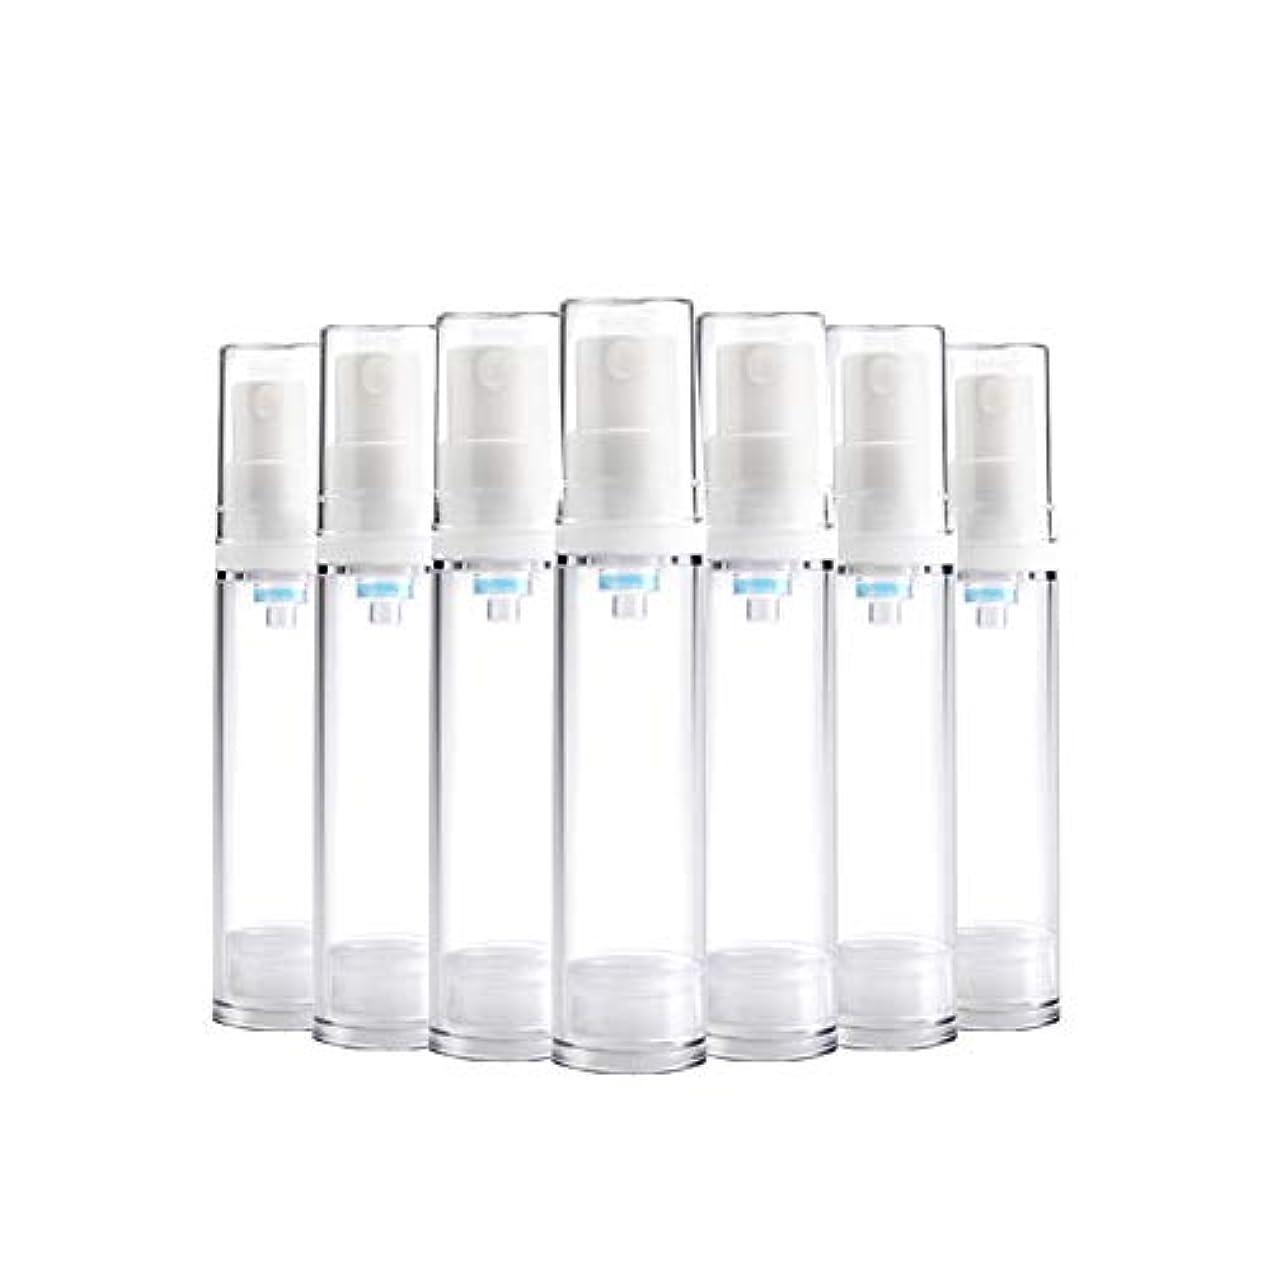 肌寒い権威開発する6 PCS Aspireトランスペアレントプラスチックエアロゾルスプレーボトルエアレスポンプスプレーボトル 詰め替え可能なファインミストエアレススプレー(15ml 30ml) - 30 ml